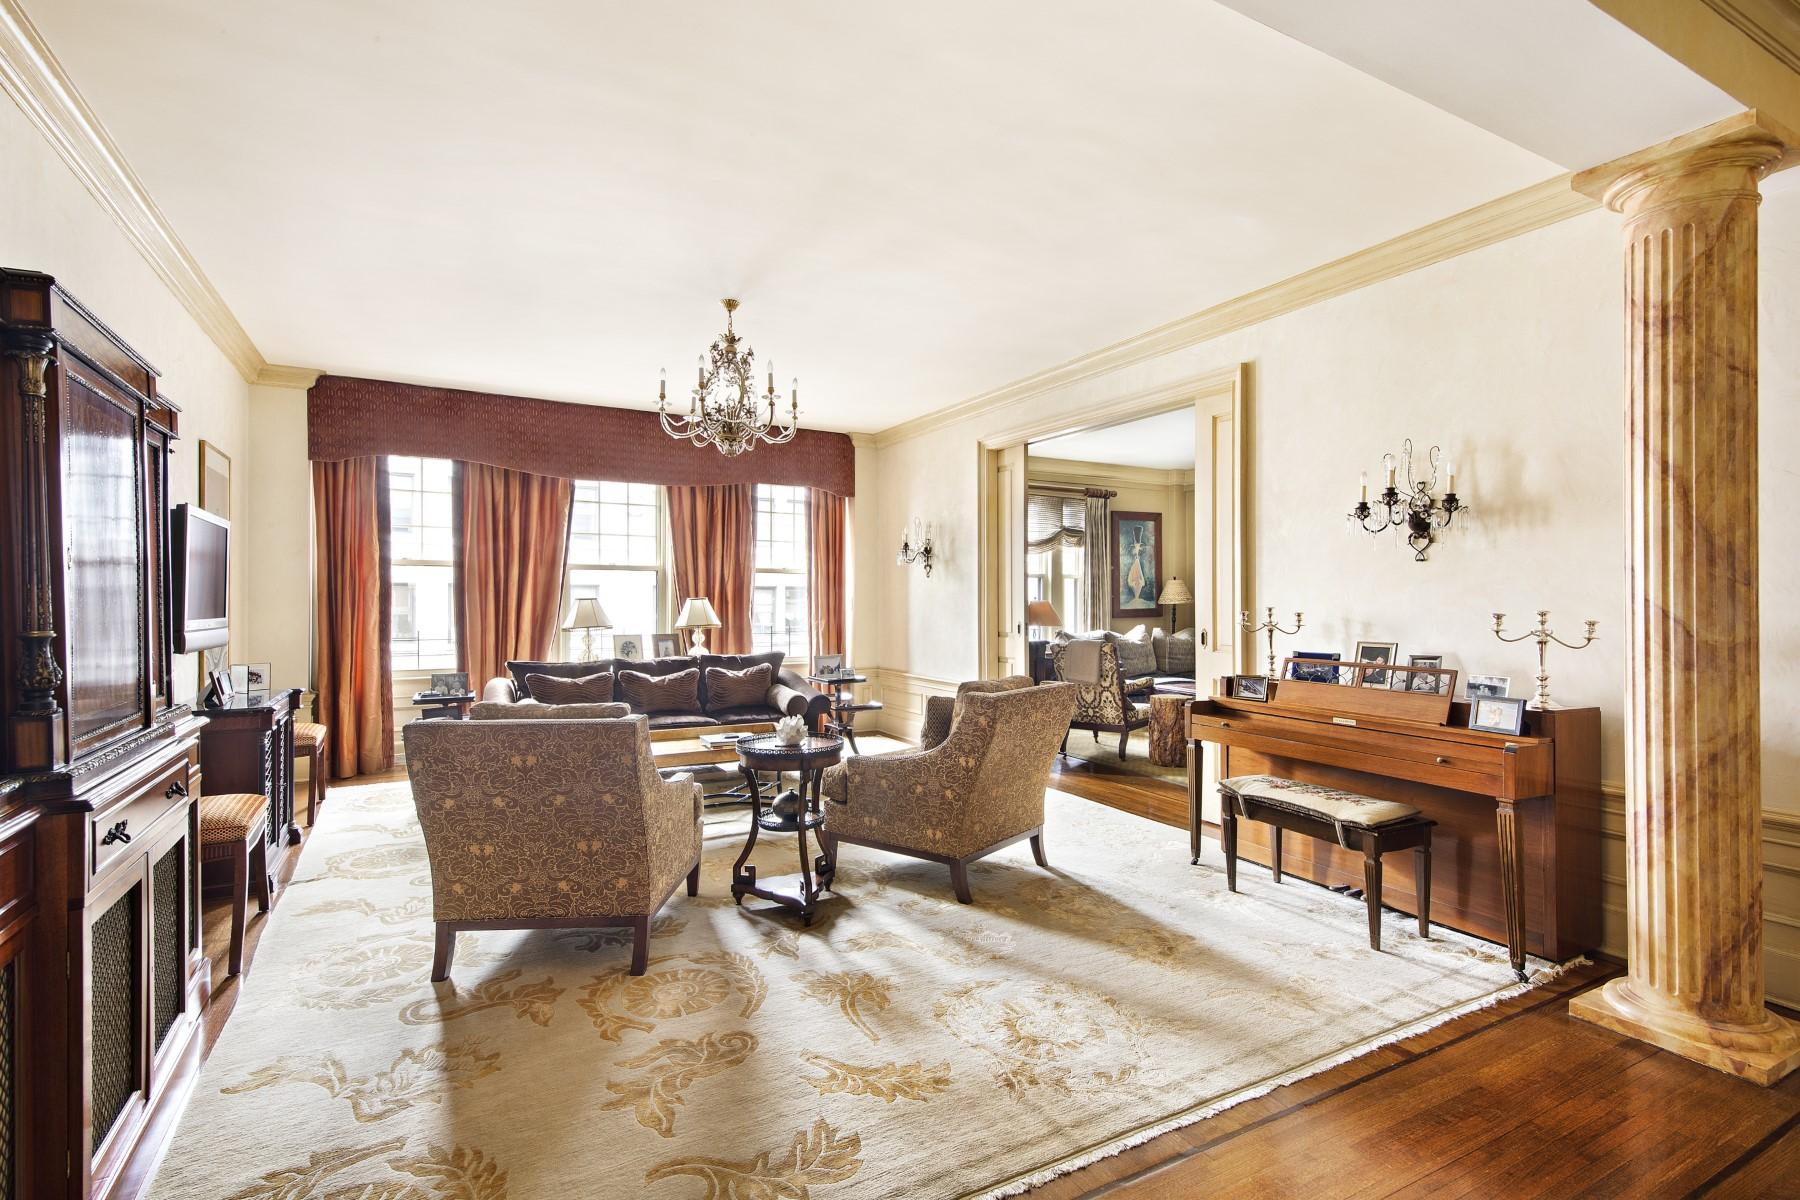 Nhà tập thể vì Bán tại 45 East 82nd Street, Residence 9W 45 East 82nd Street Apt 9w Upper East Side, New York, New York 10028 Hoa Kỳ